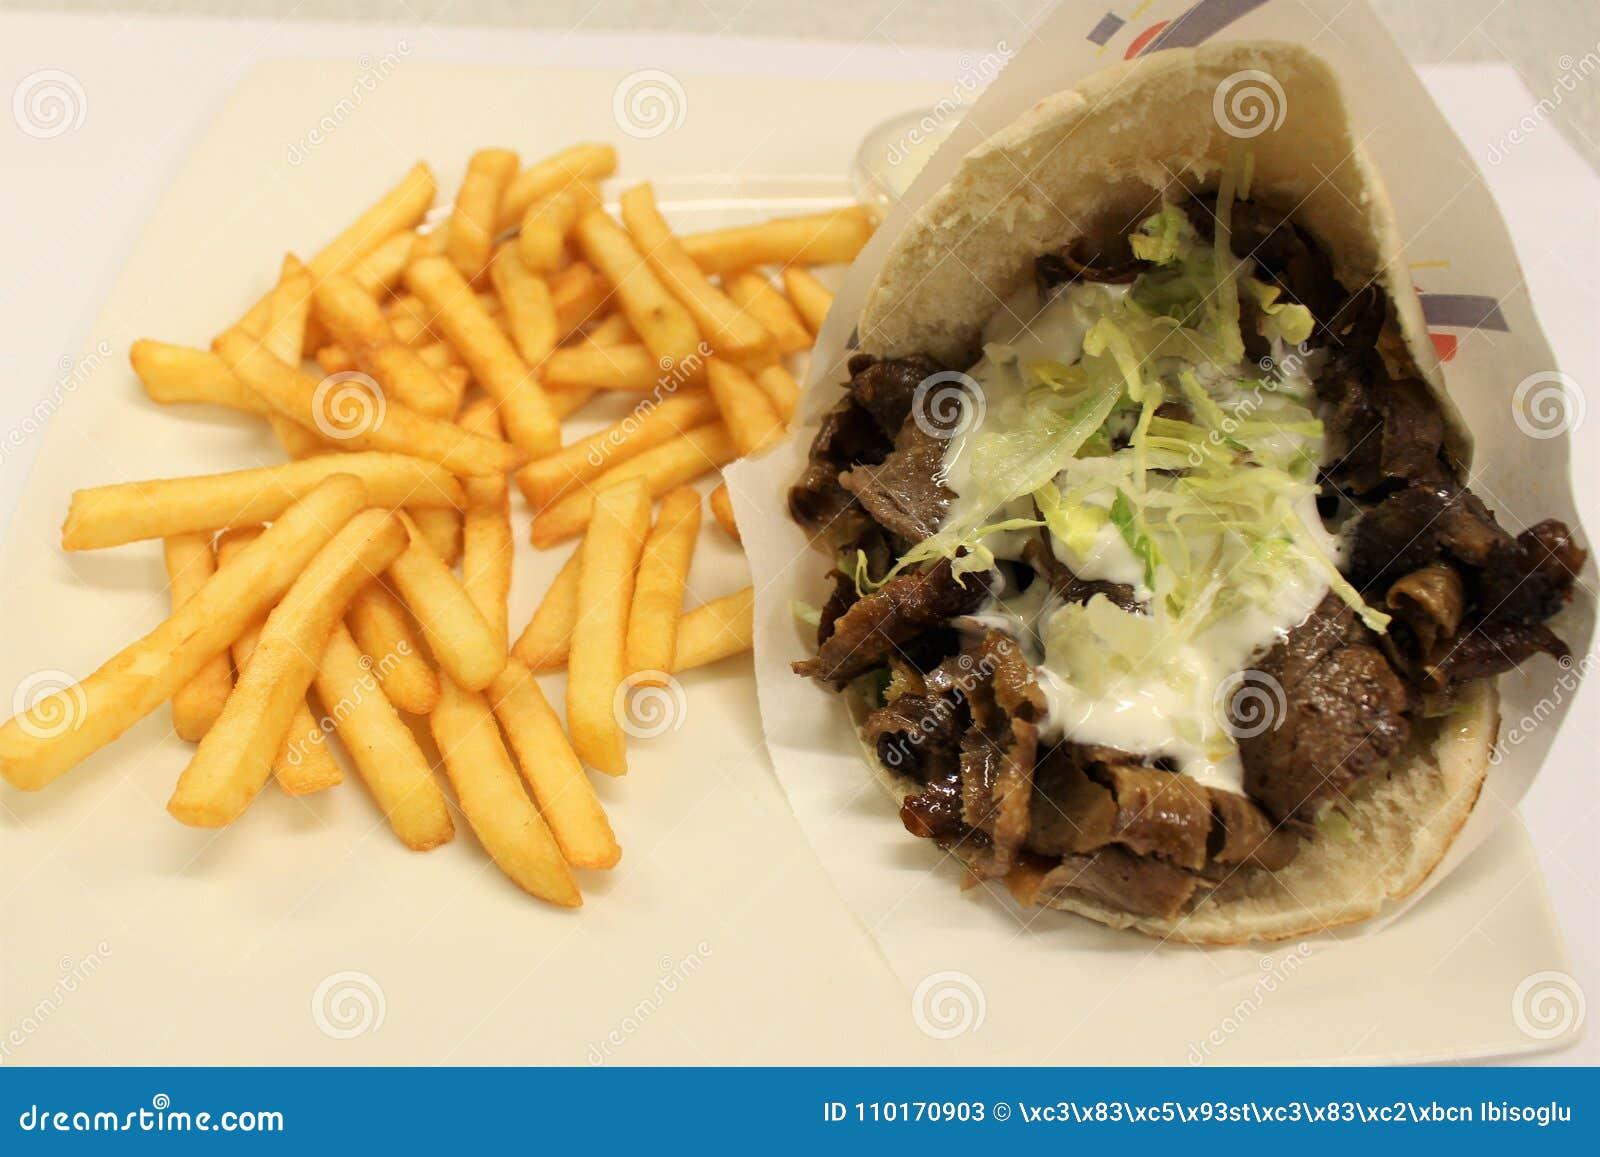 Pita Doner Meat Menu Turkish Kebab Menu Served On A Plate Stock Image Image Of Kebab French 110170903